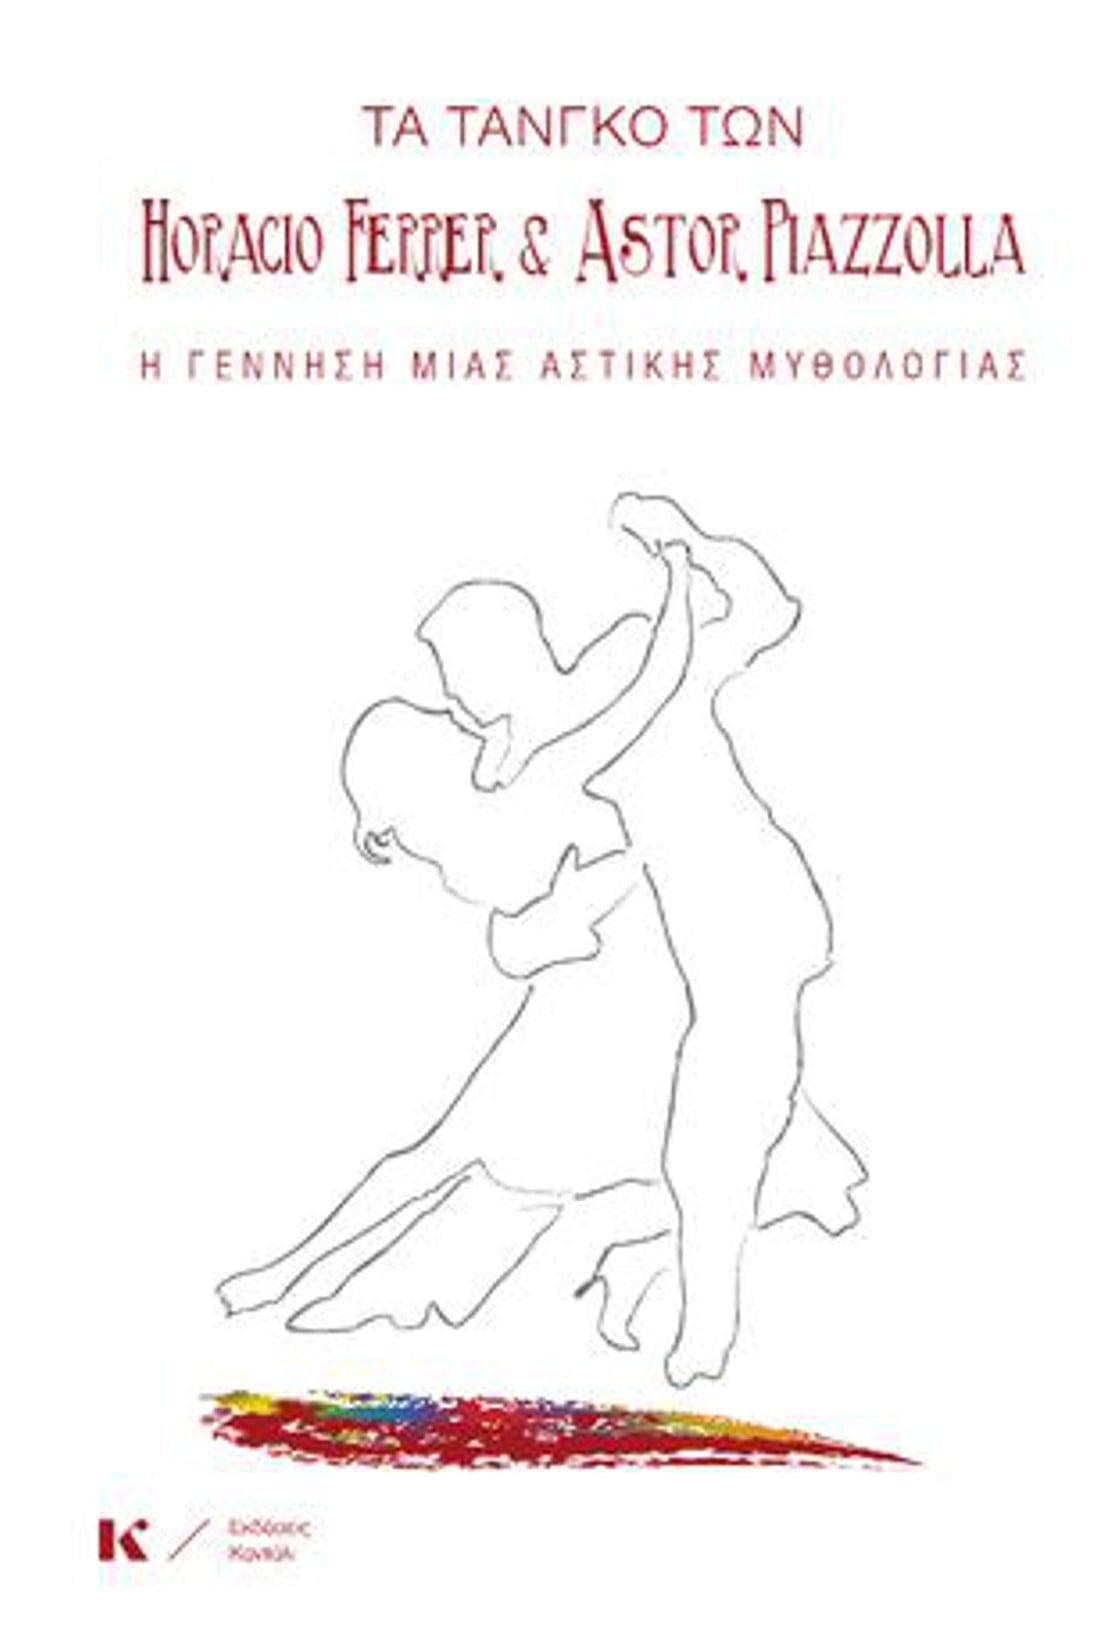 Τα τανγκό των Horacio Ferrer & Astor Piazzolla. Η γέννηση μιας αστικής μυθολογίας.